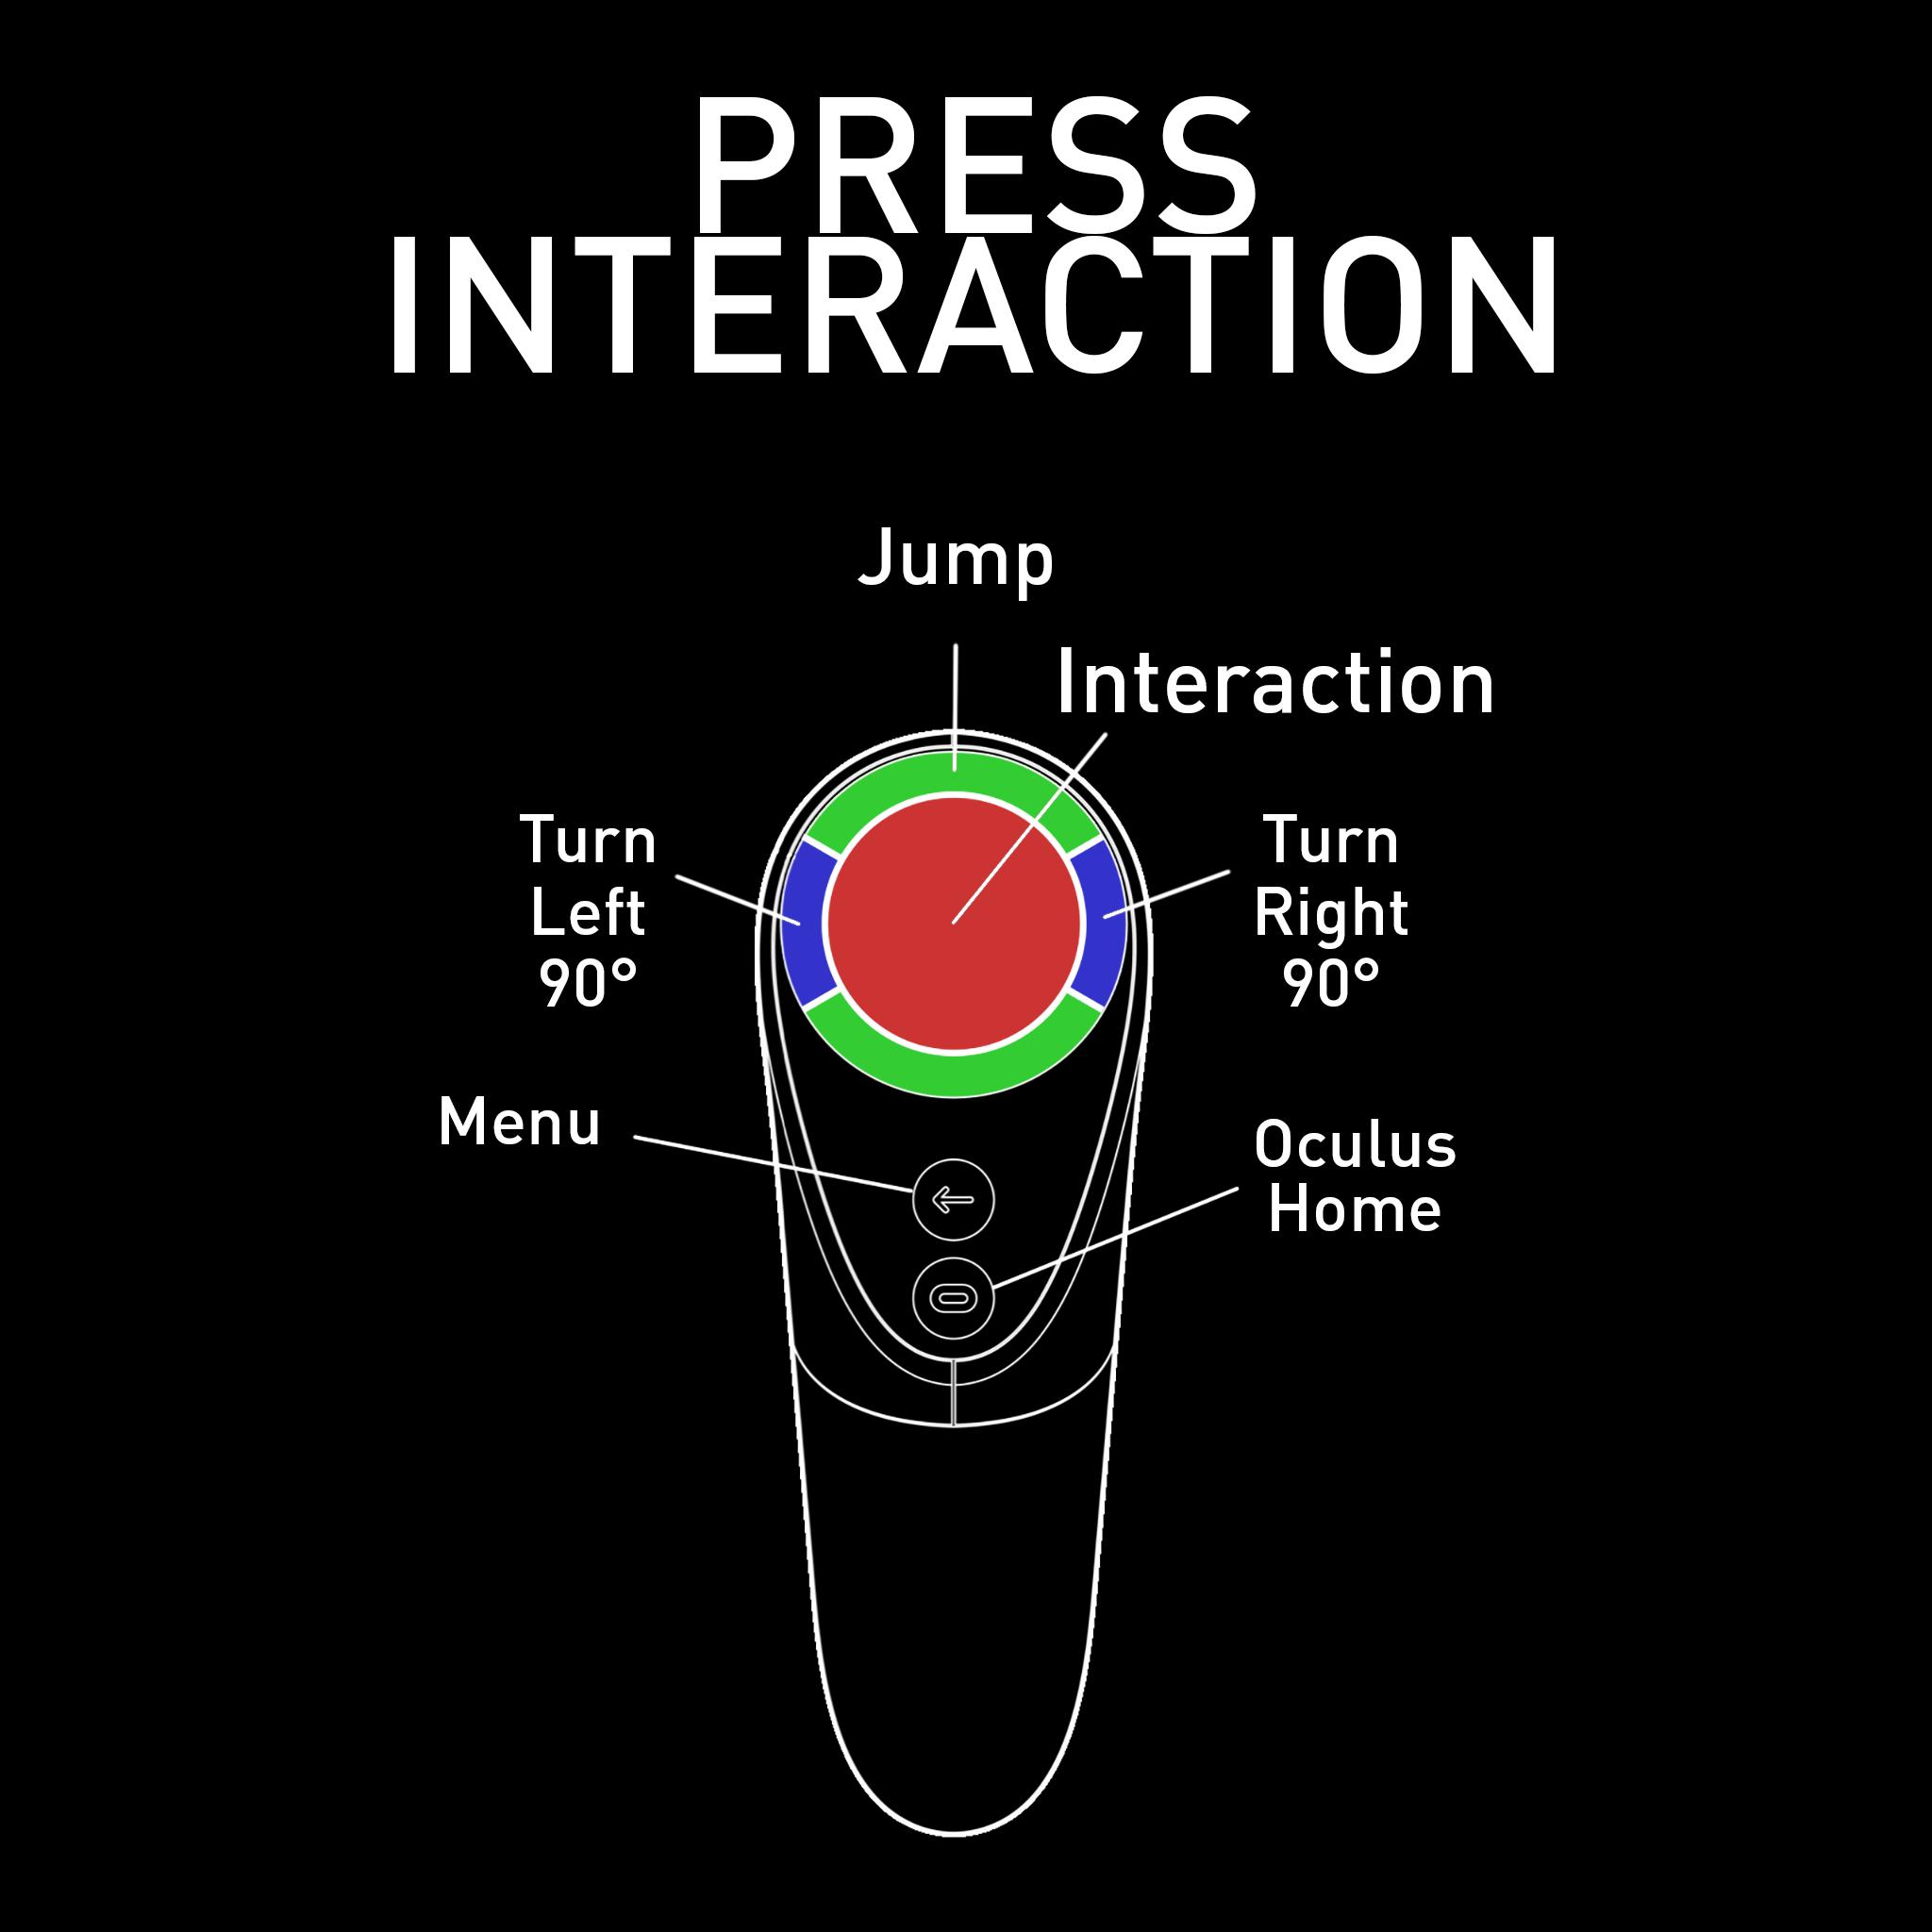 T Controls Press